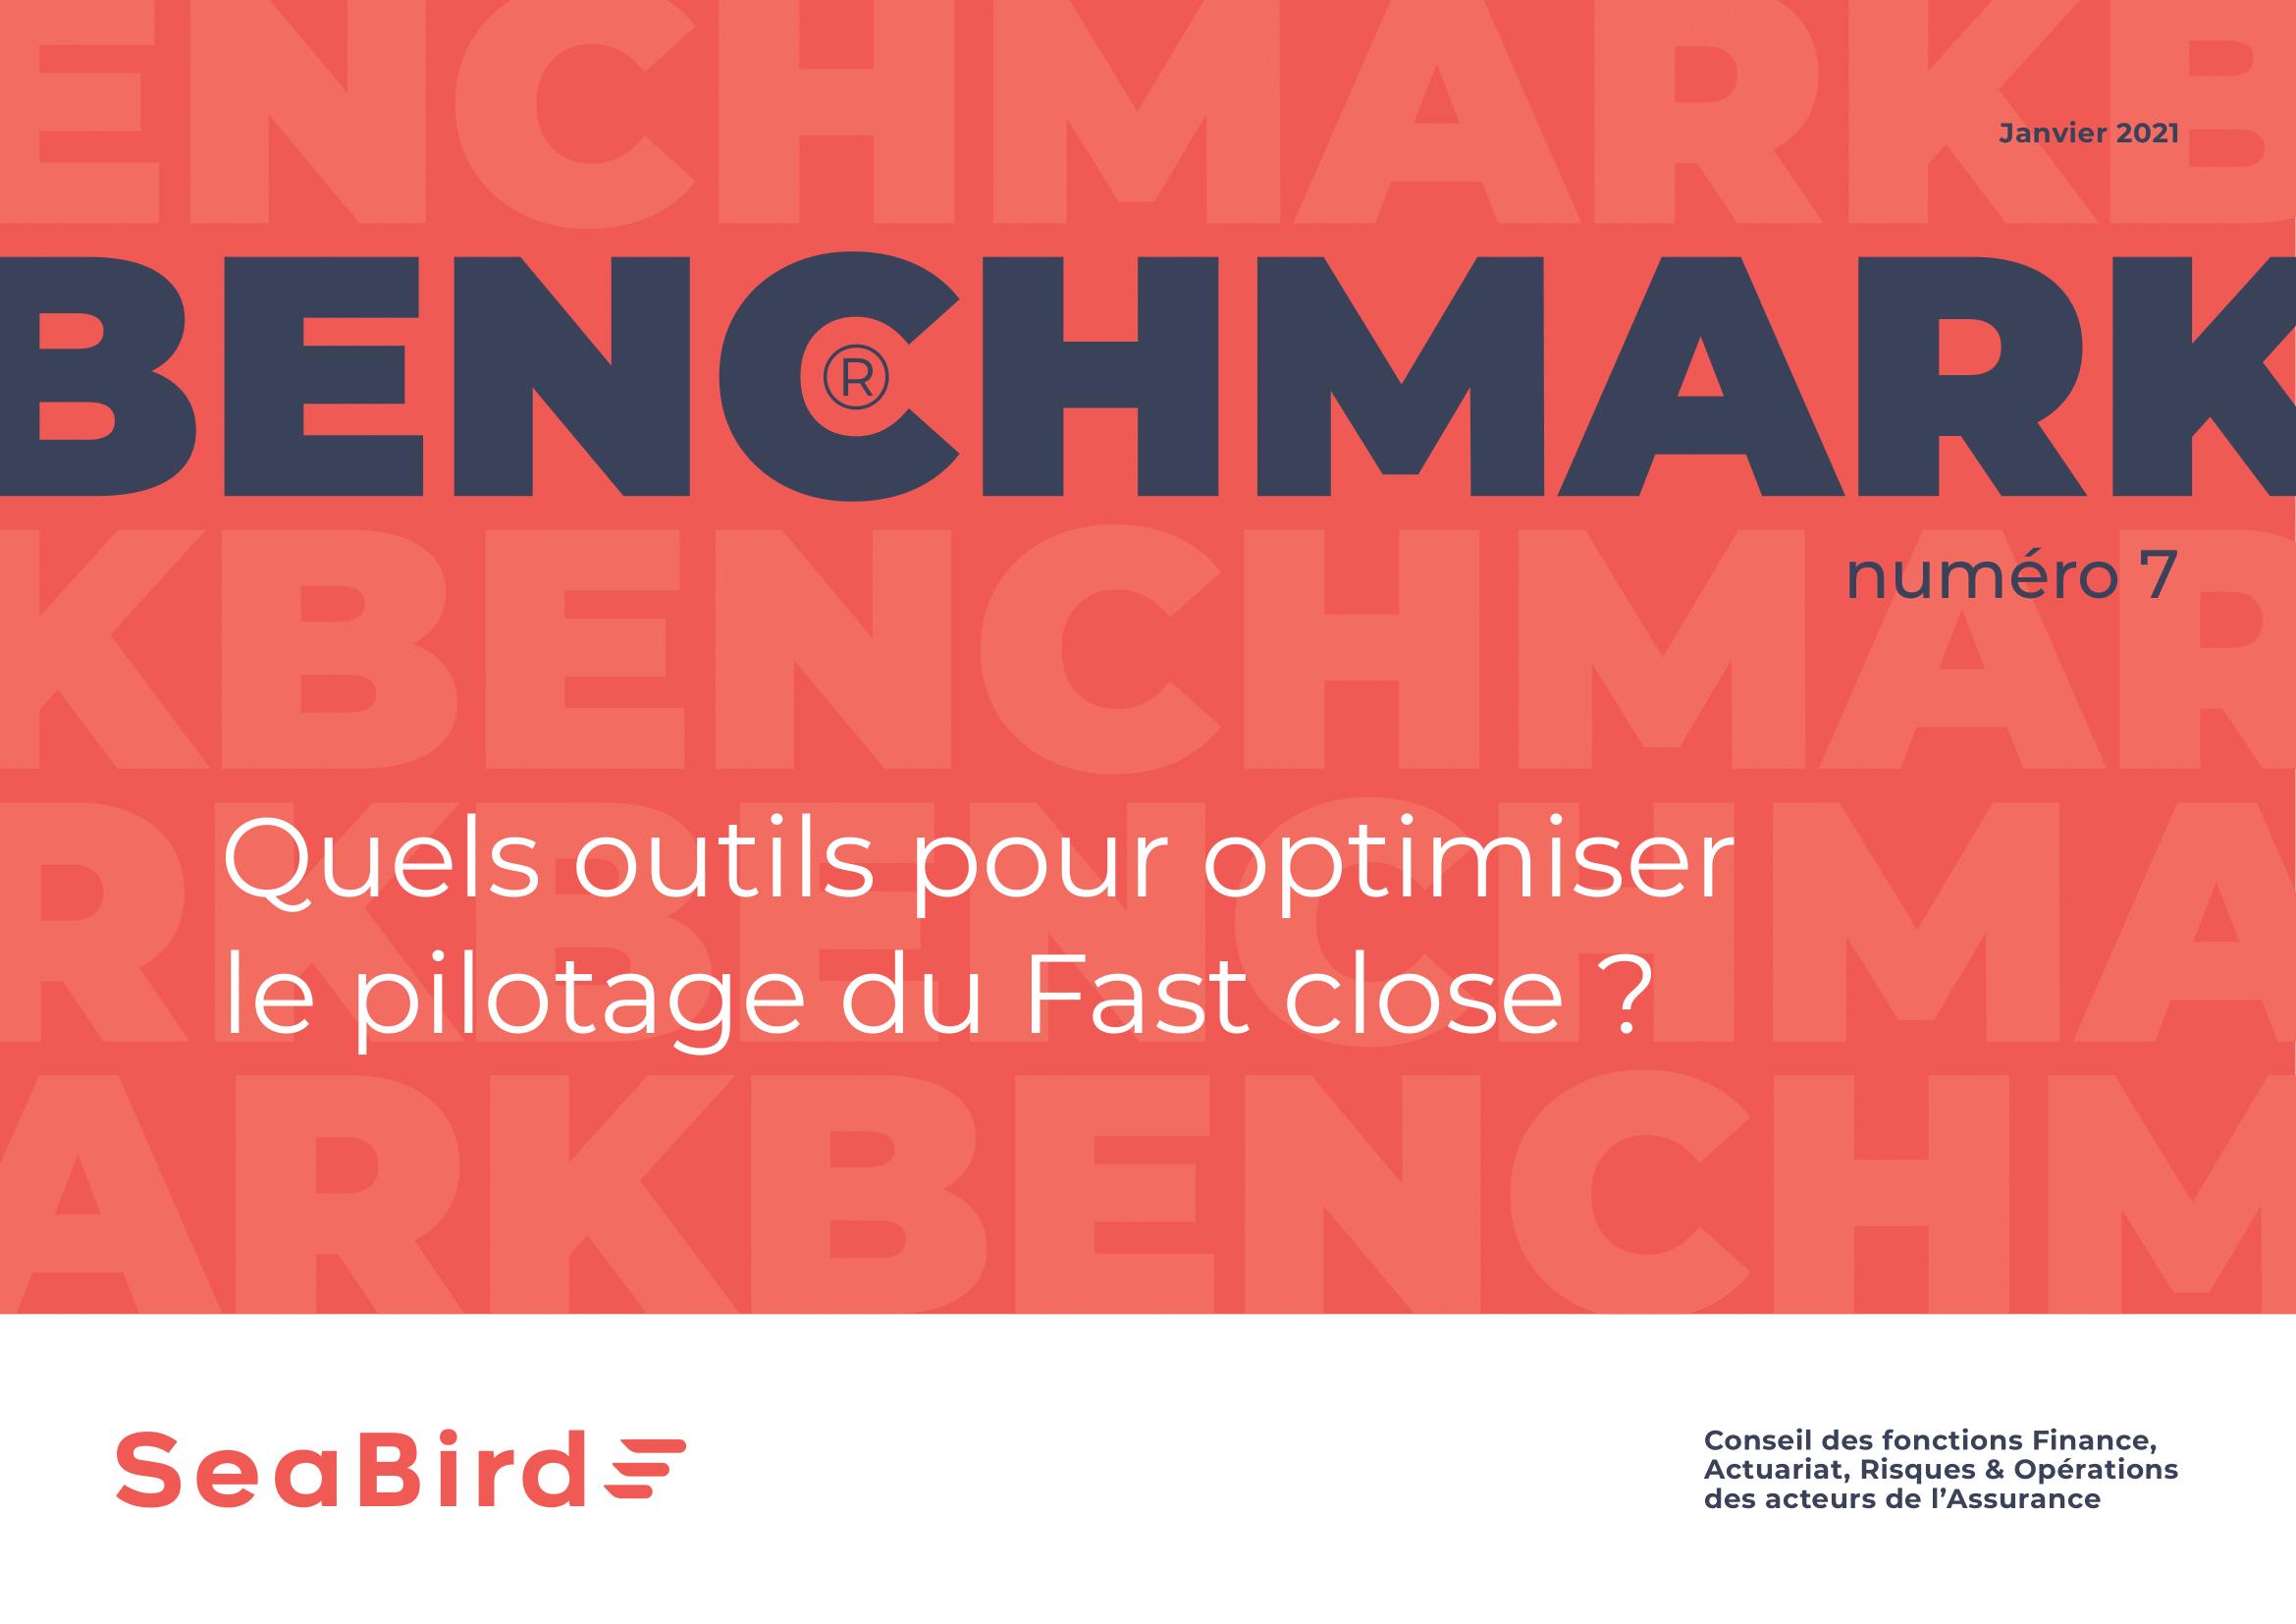 Benchmark - Quels outils pour optimiser le pilotage Fast close?